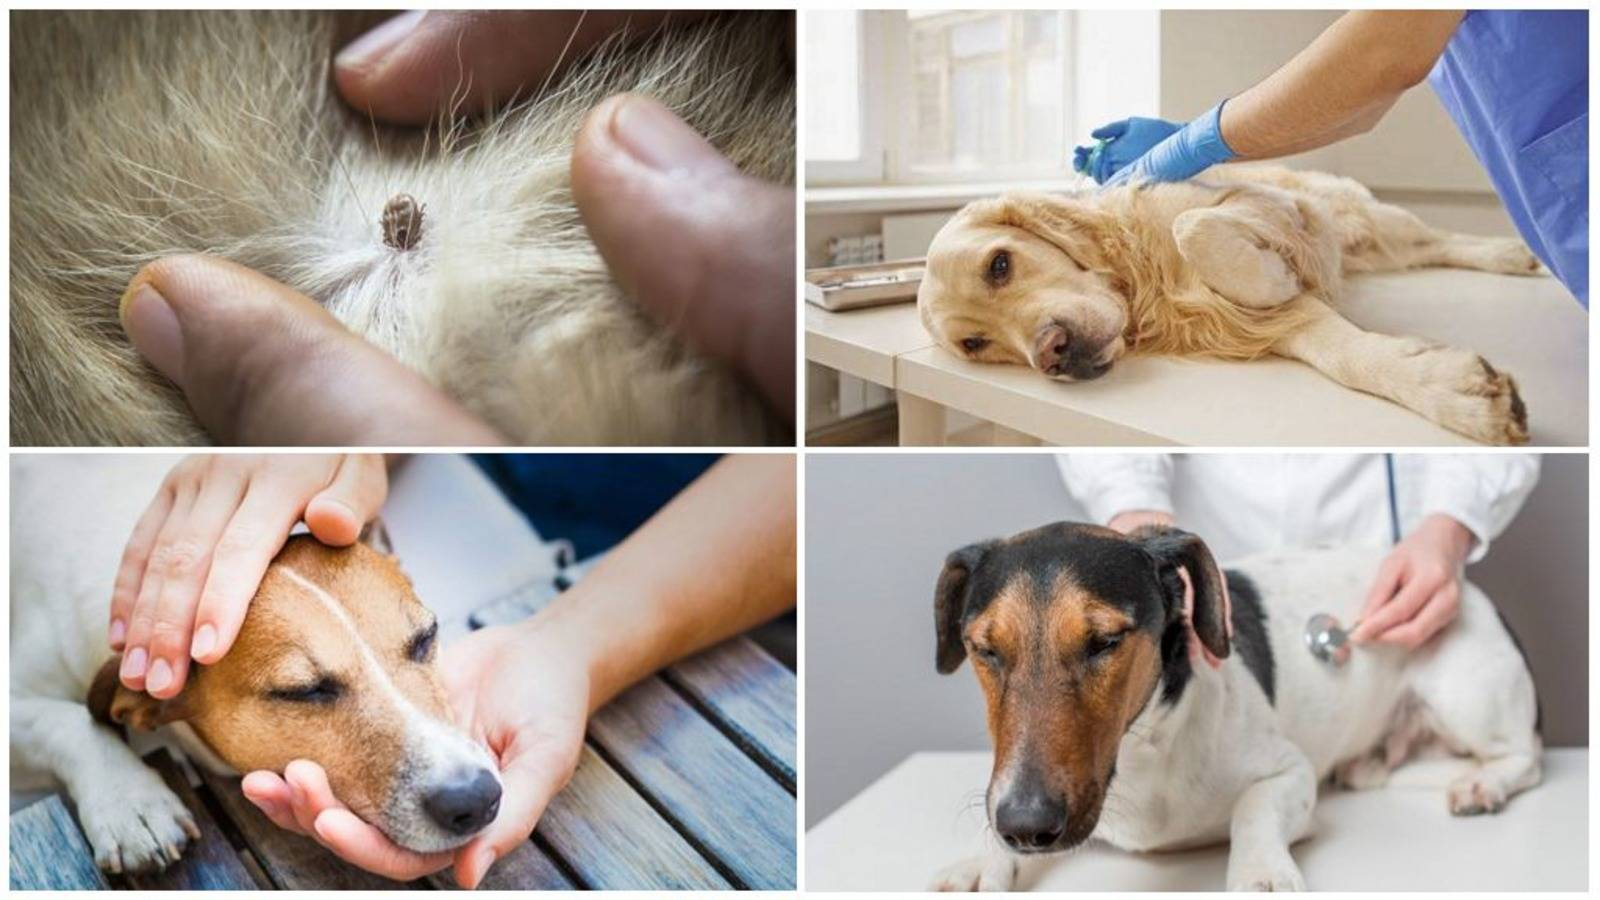 Что такое пироплазмоз у собак симптомы, лечение, последствия и признаки